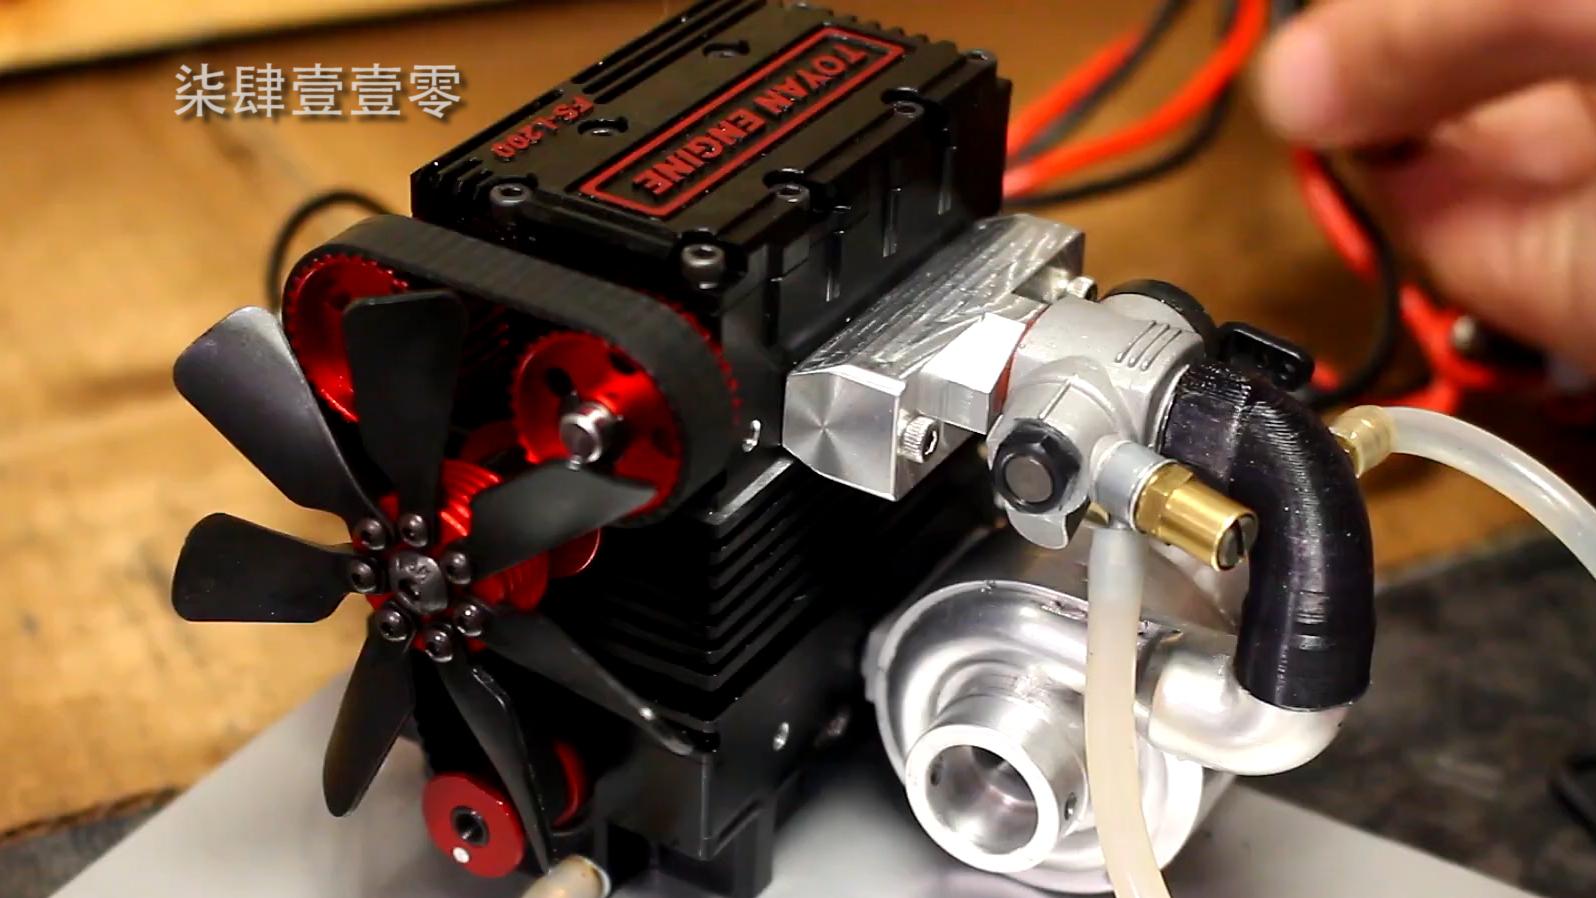 【机械增压】No.3 模型发动机改装正压增压 下篇